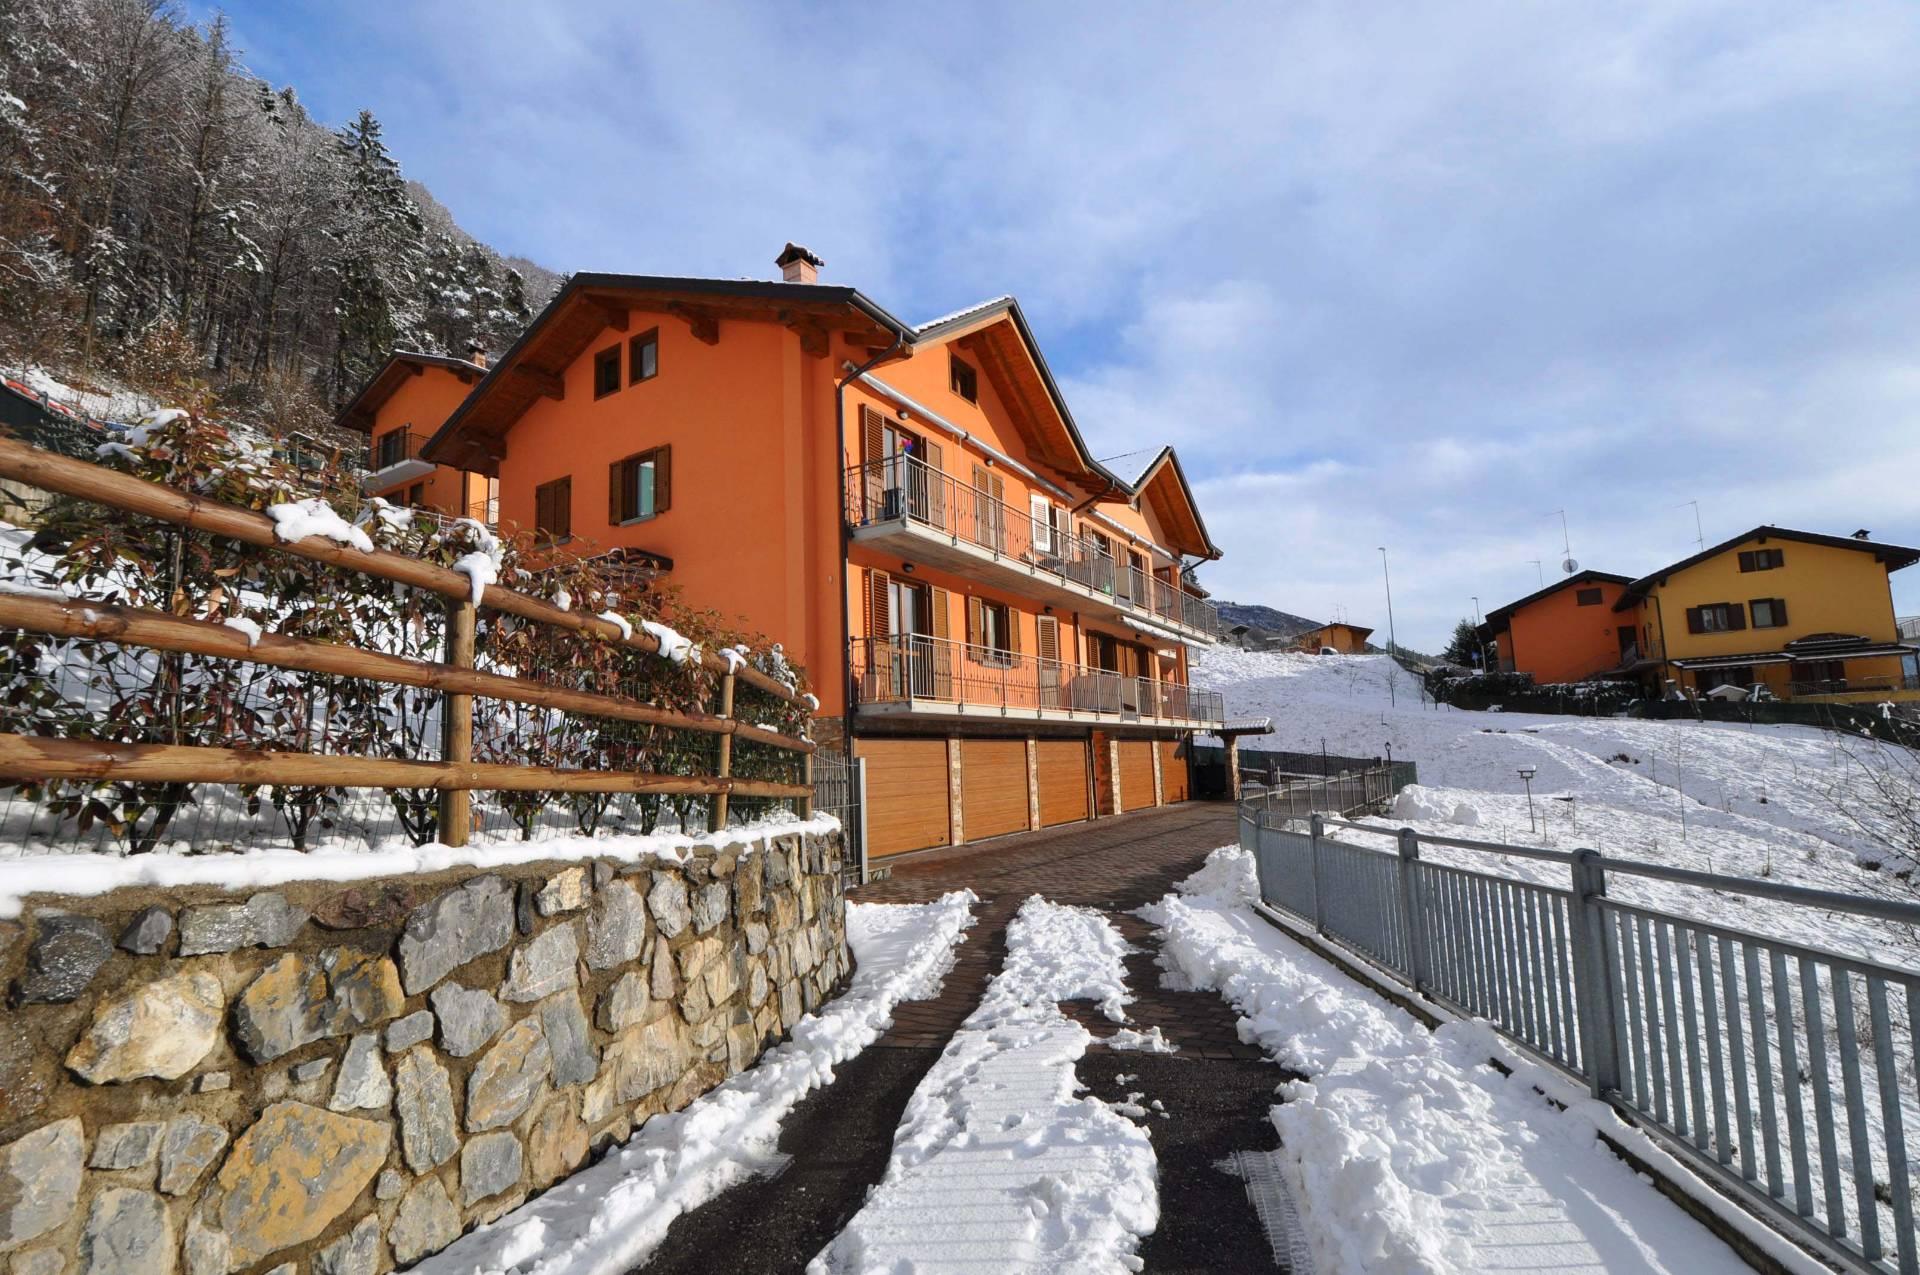 Appartamento in vendita a San Giovanni Bianco, 3 locali, Trattative riservate | CambioCasa.it